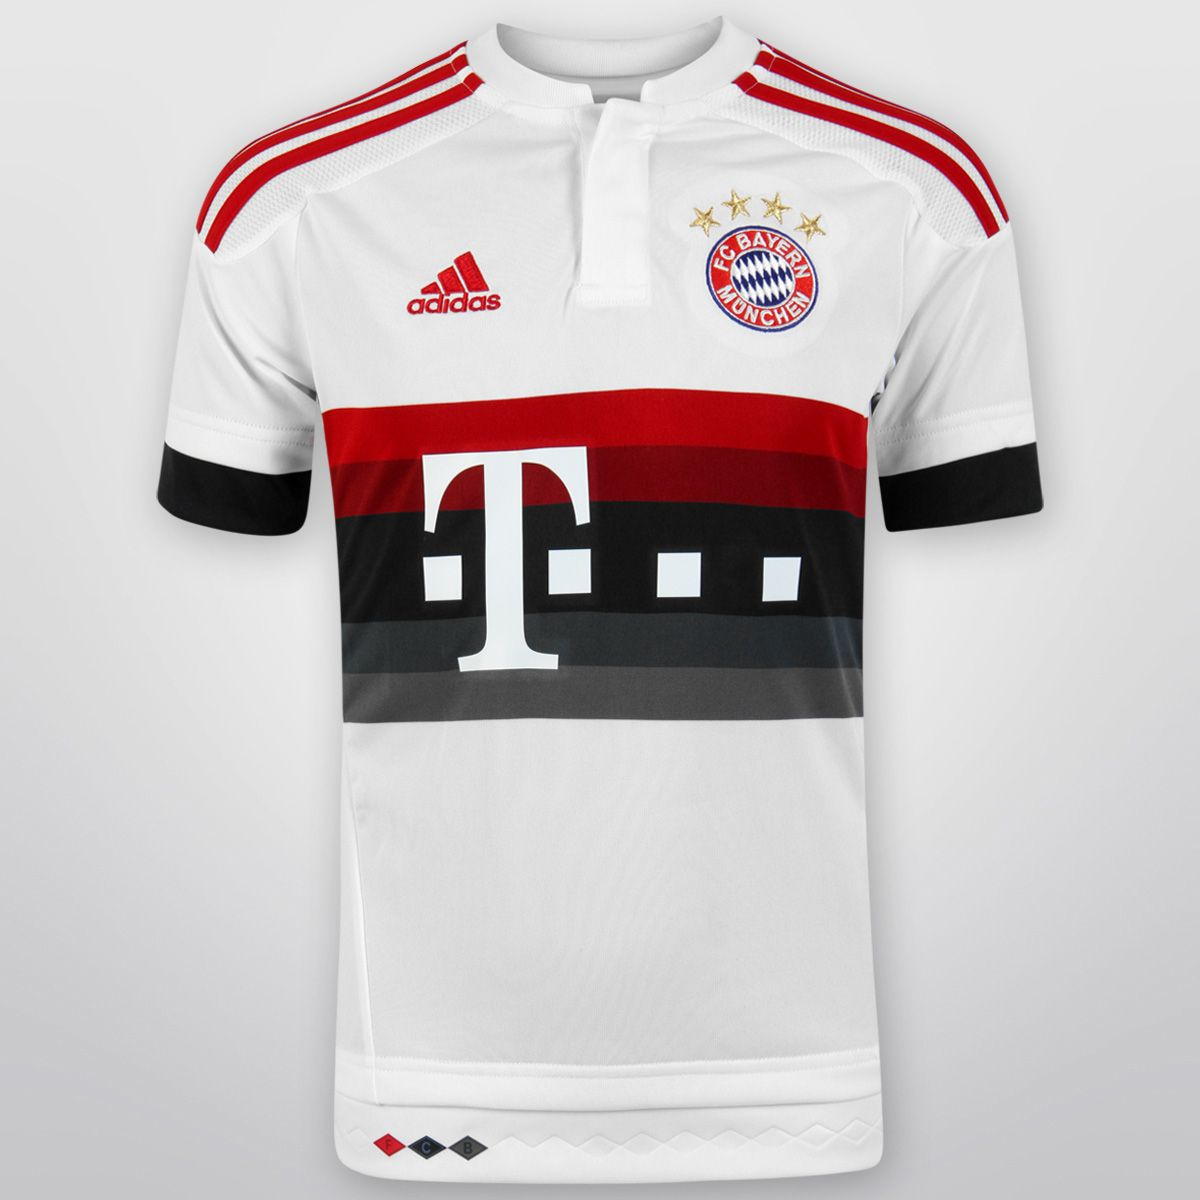 Con el Jersey Infantil Adidas Bayern Munich Visita 15/16 S/N°, tus pequeños podrán lucir con orgullo su afición por el poderoso equipo bávaro. Está confeccionado con tejido ClimaCOOL, sistema que lo mantendrá fresco y seco todo el tiempo.